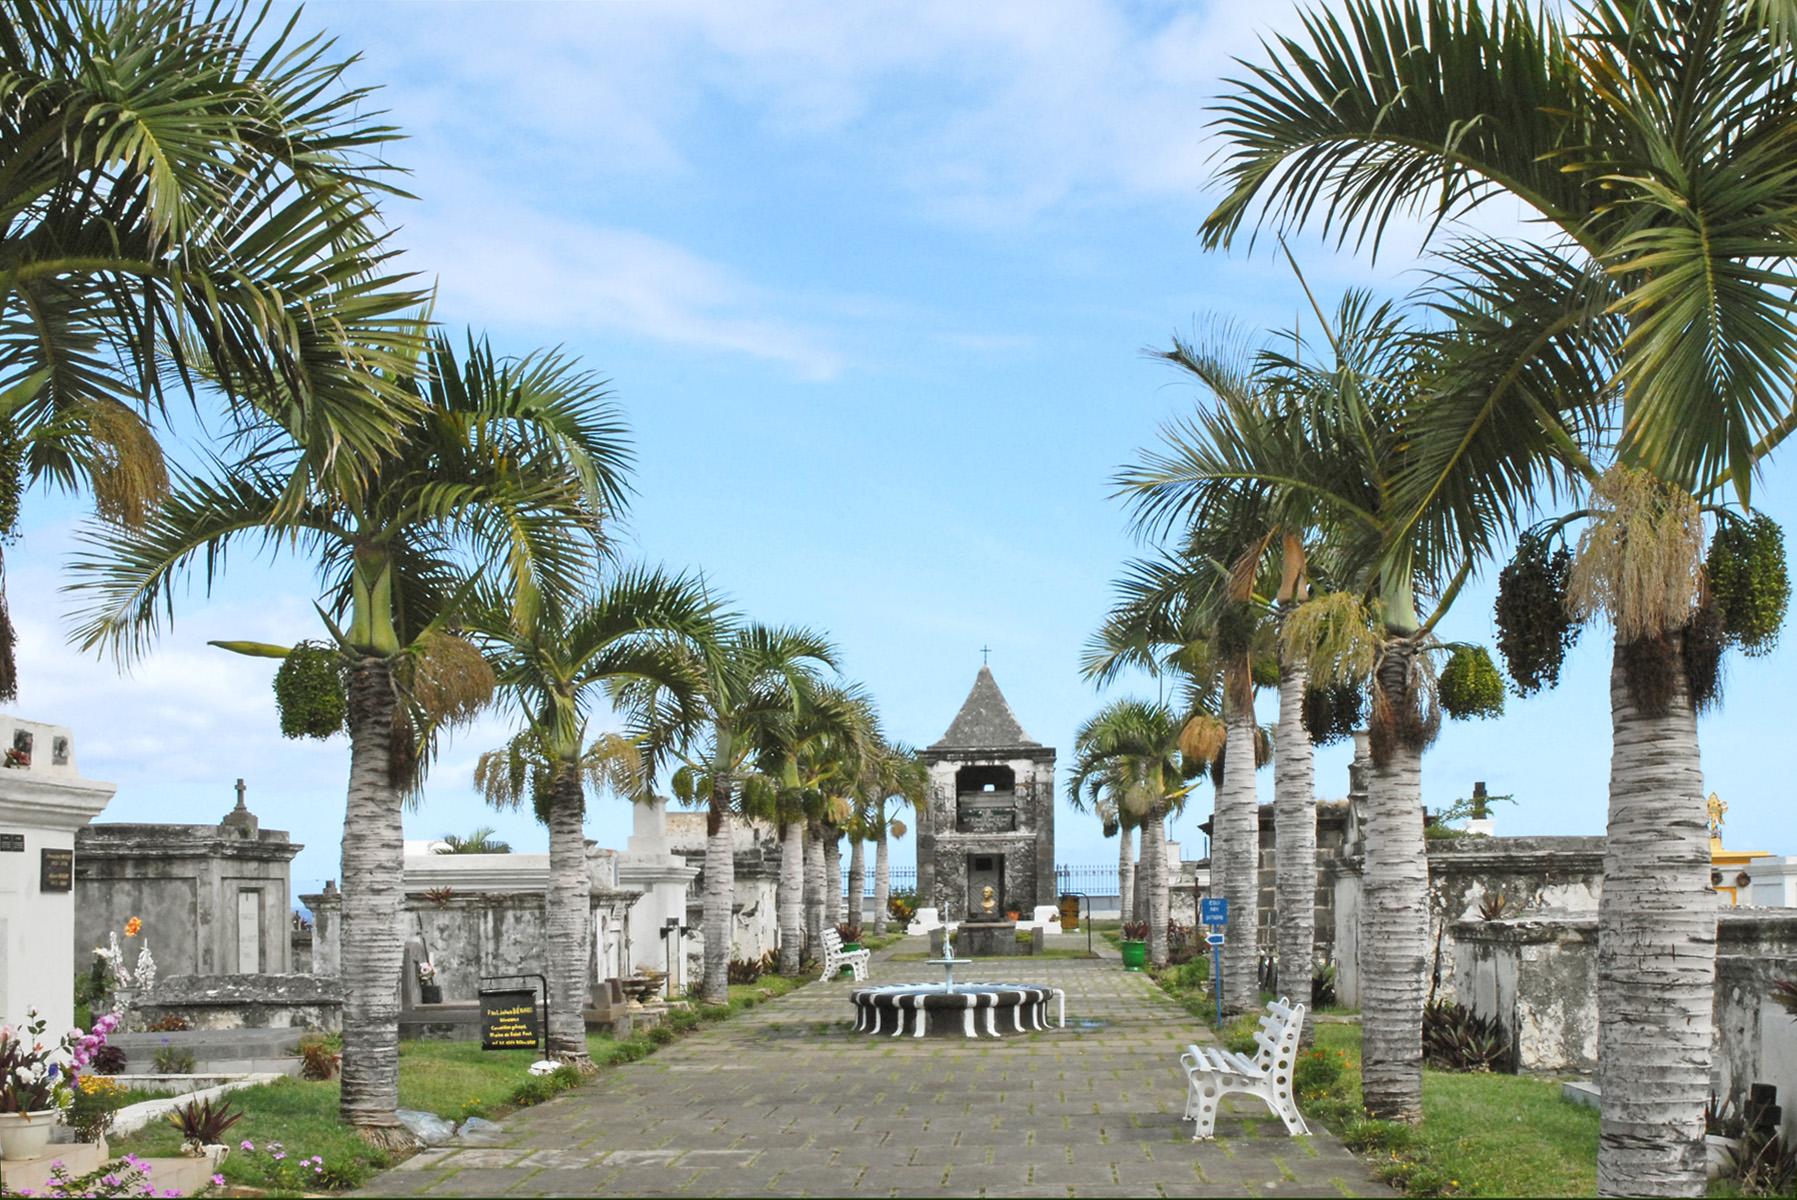 Le cimetière marin a été implanté, en 1788, sur ce site de la Baie de Saint-Paul, premier lieu de peuplement par les français de l'Île de la Réunion (appelée à l'époque Île Bourbon). Il comprend dans sa partie nord les sépultures de vieilles familles de Saint-Paul : les Panon, Desbassyns, Delanux, Desjardins, KerAnval,..ou de personnes décédées lors de leur passage comme Eraste Feuillet ou les marins du bâteau naufragé Ker.Anna. Le cimetière a subi un série de catastrophe naturelles depuis le raz de marée d'août 1883 provoqué par l'éruption du volcan de Krakatoa jusqu'aux cyclones récents. Il a été restauré dans les années 70. Les restes mortels du grand poète, Leconte de Lisle, né à Saint-Paul en 1818 et mort à Louveciennes en 1894 y ont été transférés en 1977.